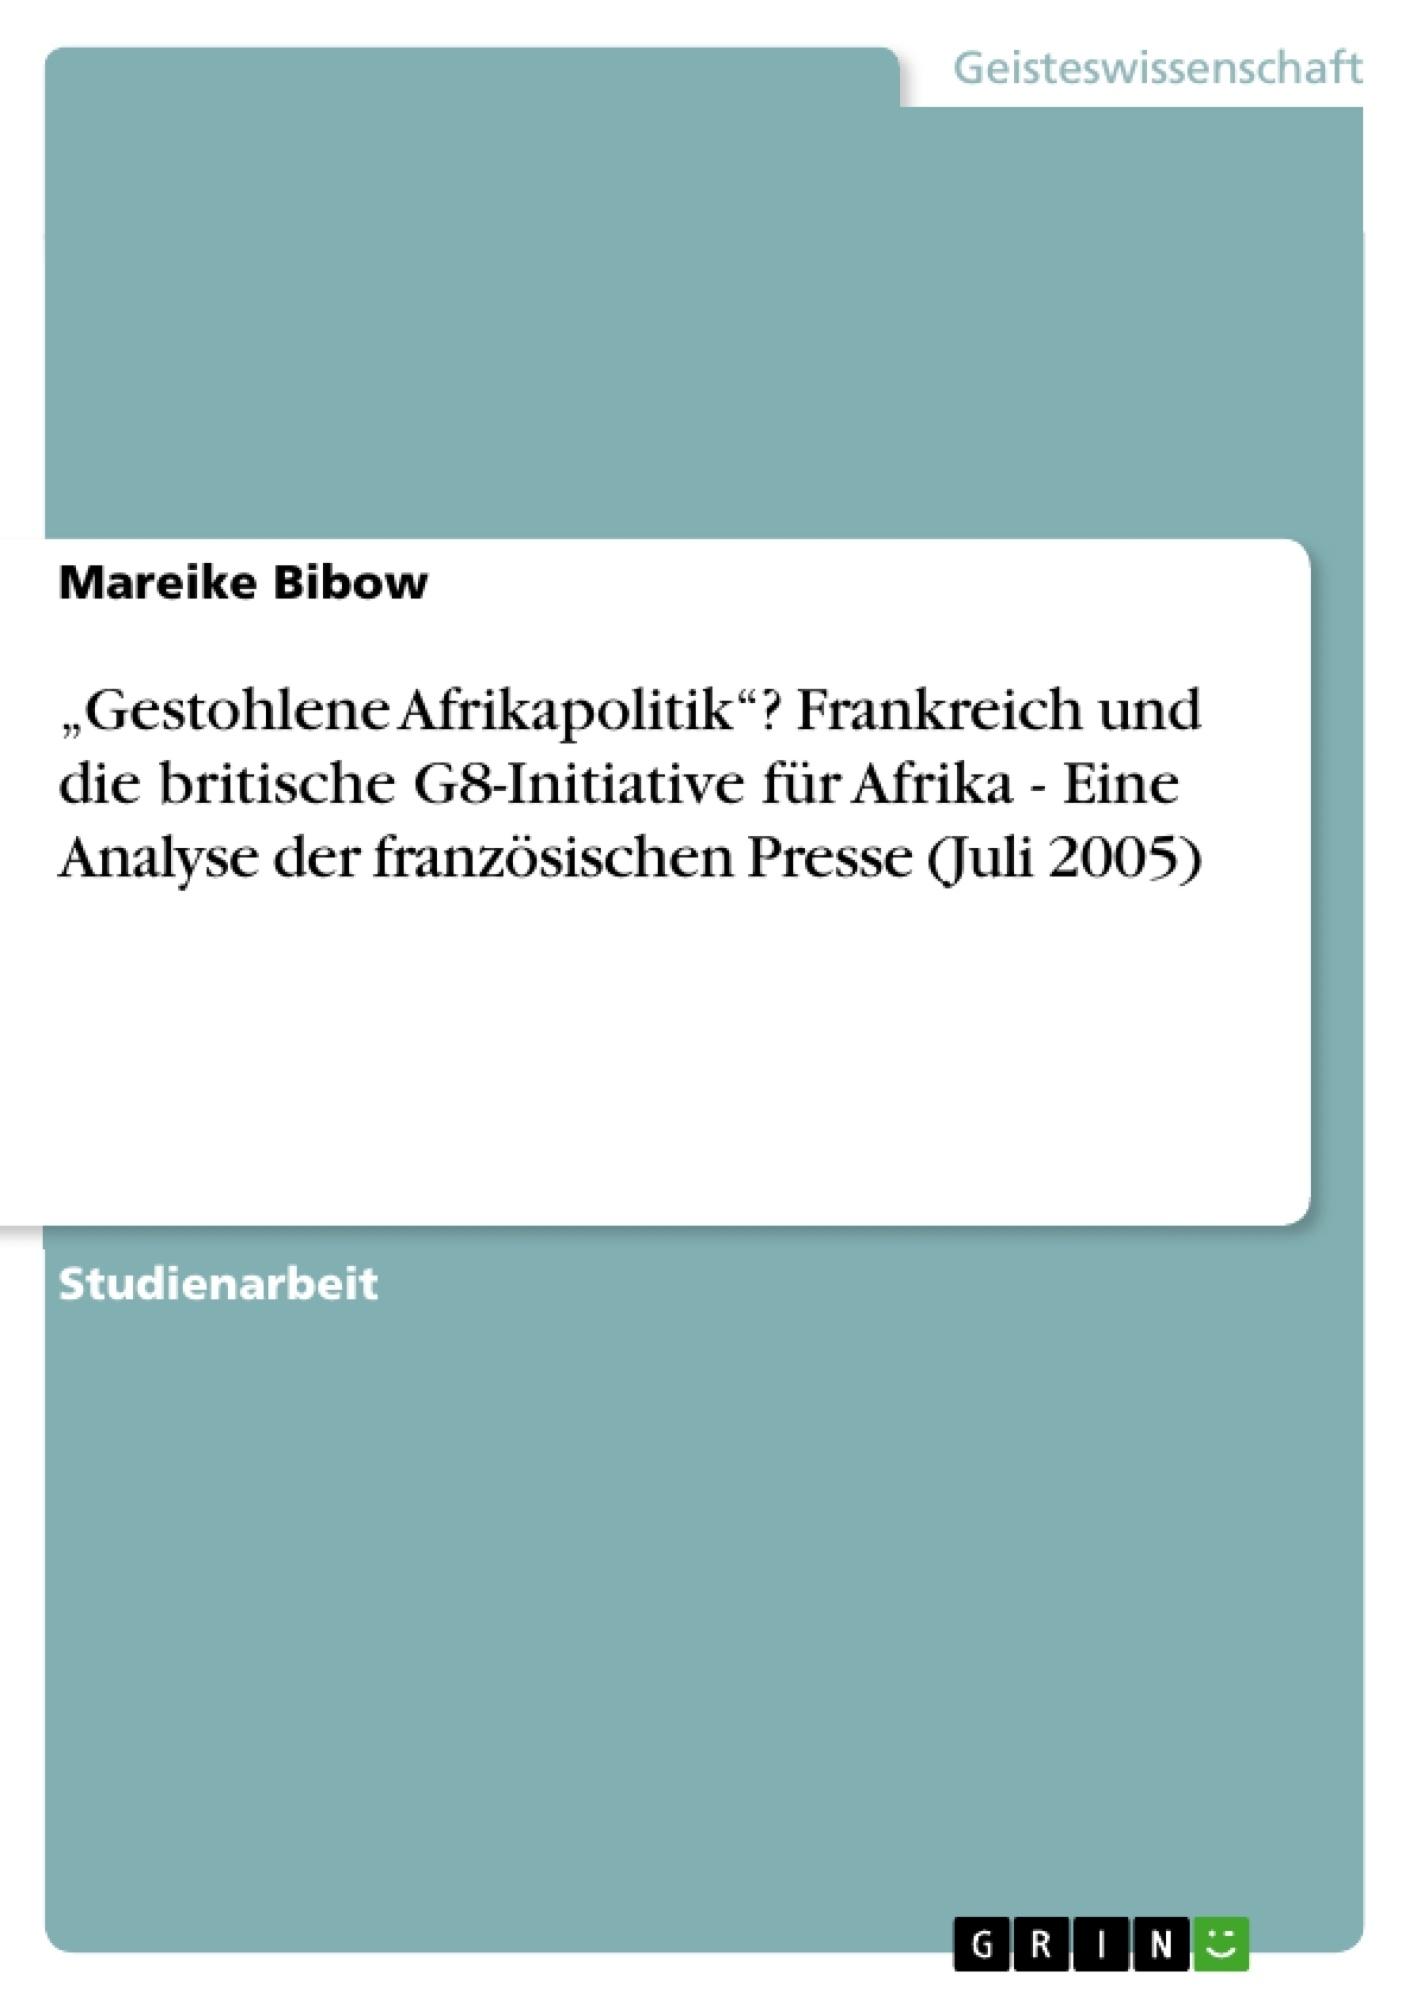 """Titel: """"Gestohlene Afrikapolitik""""?  Frankreich und die britische G8-Initiative für Afrika - Eine Analyse der französischen Presse (Juli 2005)"""